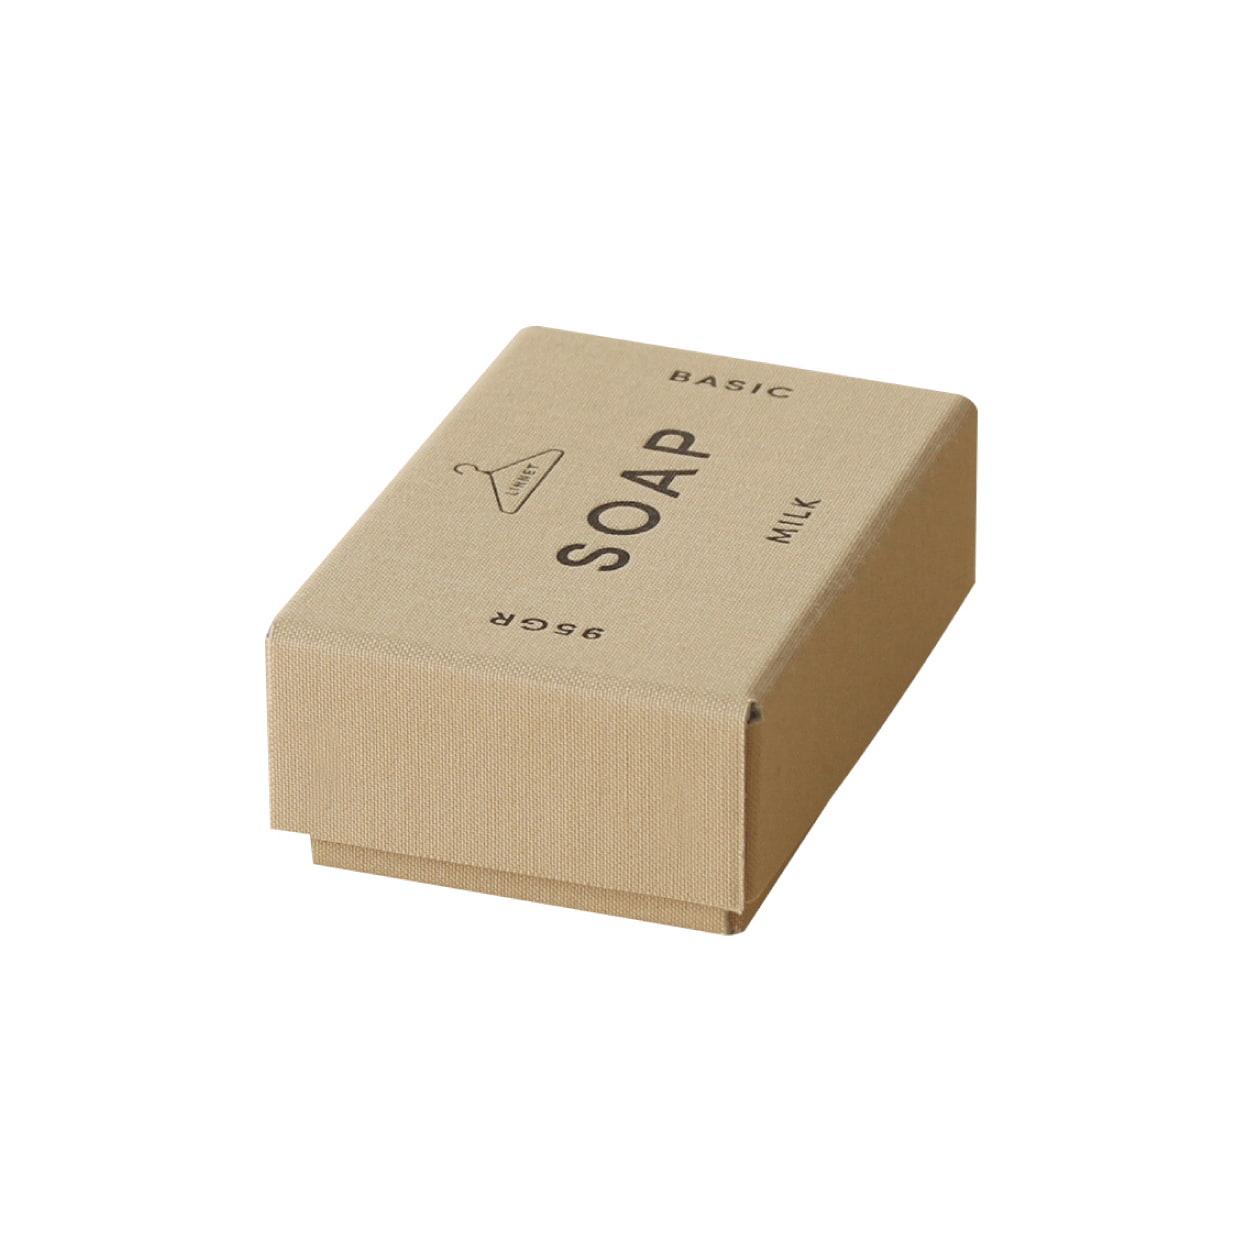 サンプル 箱(糊どめ箱) 00048